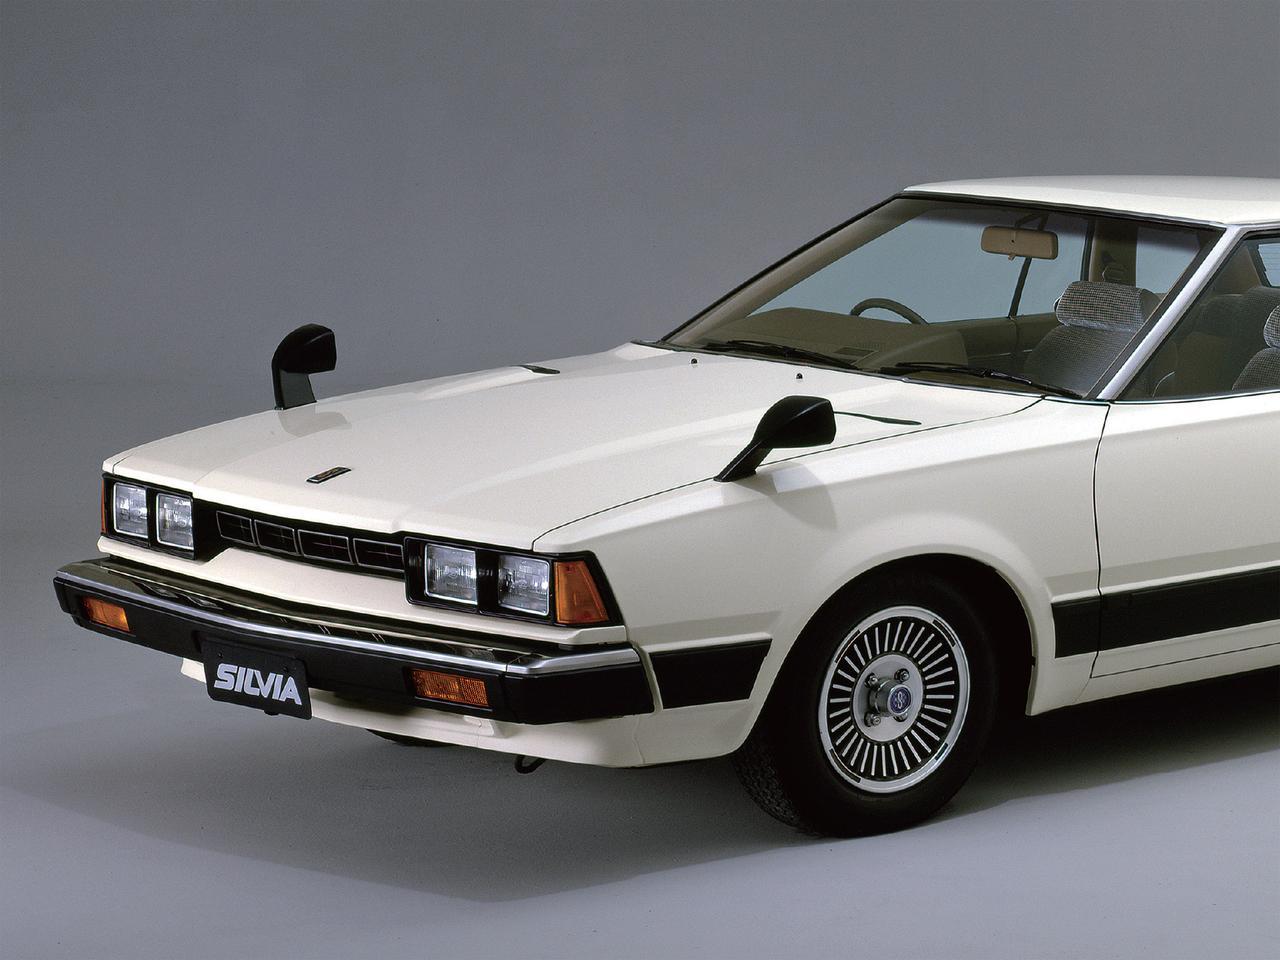 【昭和の名車 65】日産 シルビア 2000ZSE-X:昭和54年(1979年)